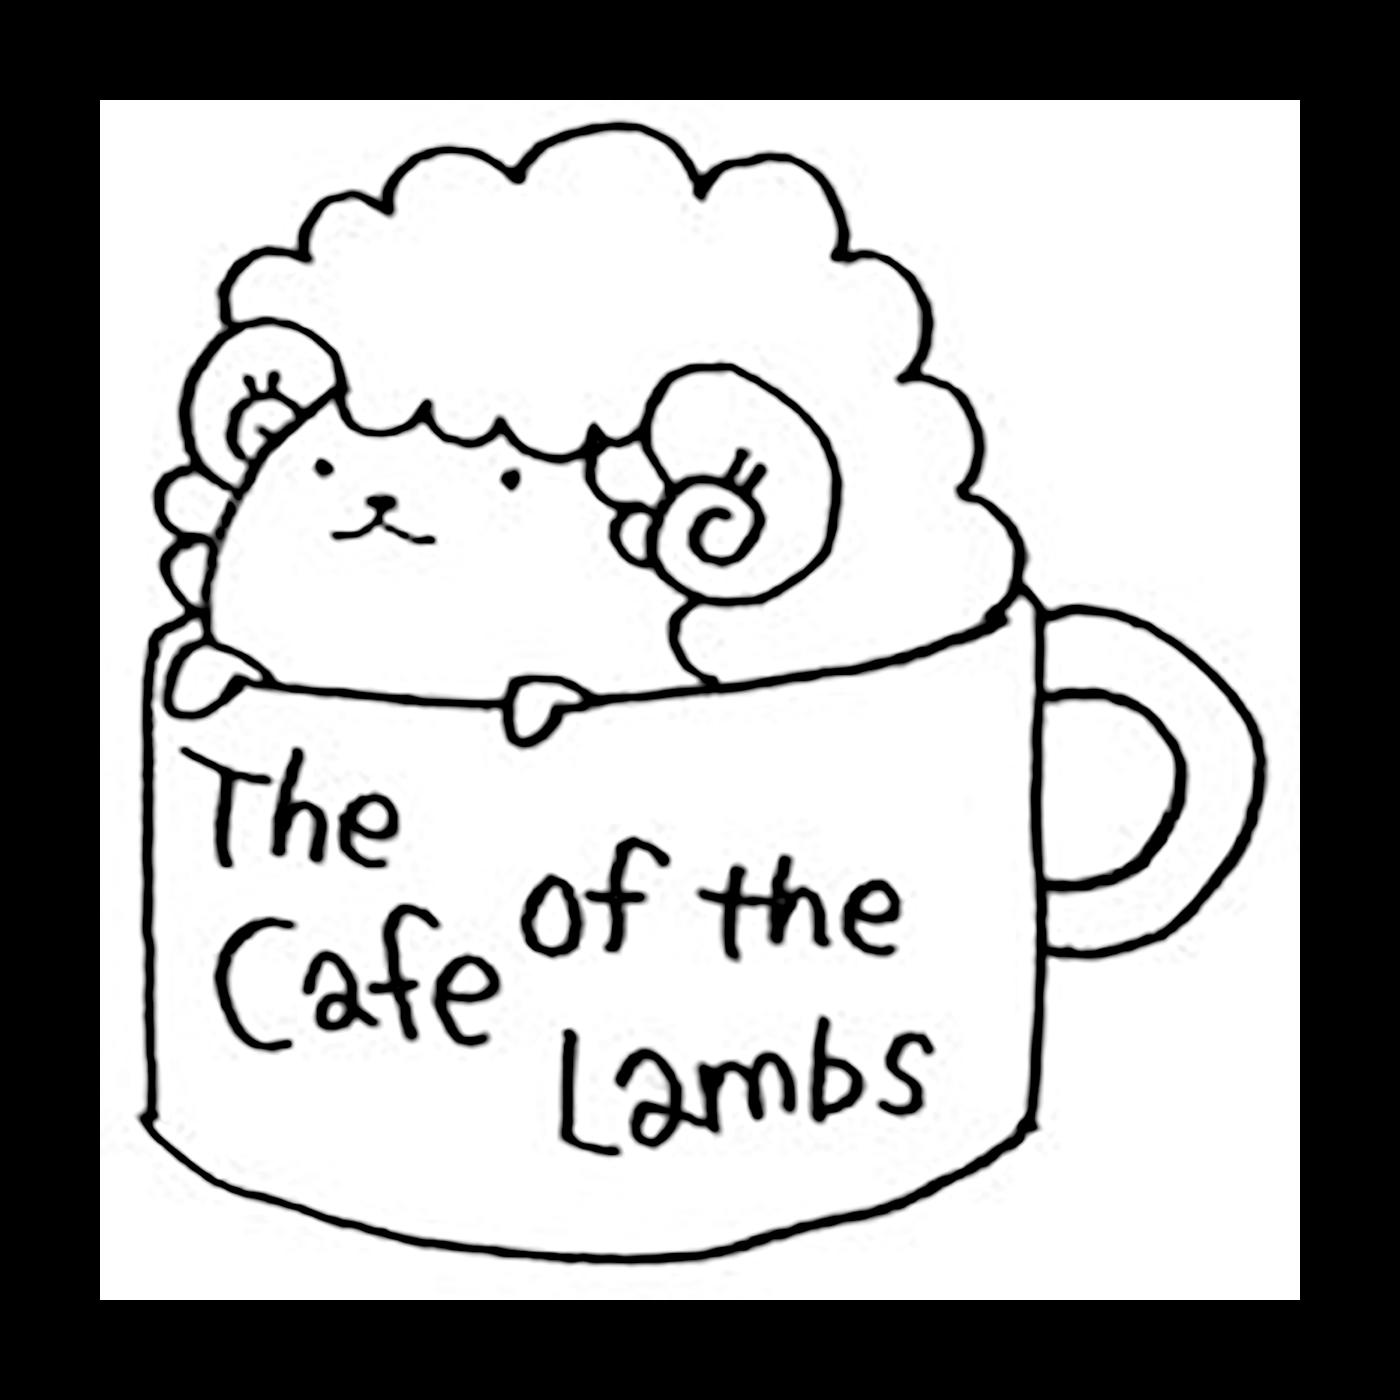 羊たちのカフェ